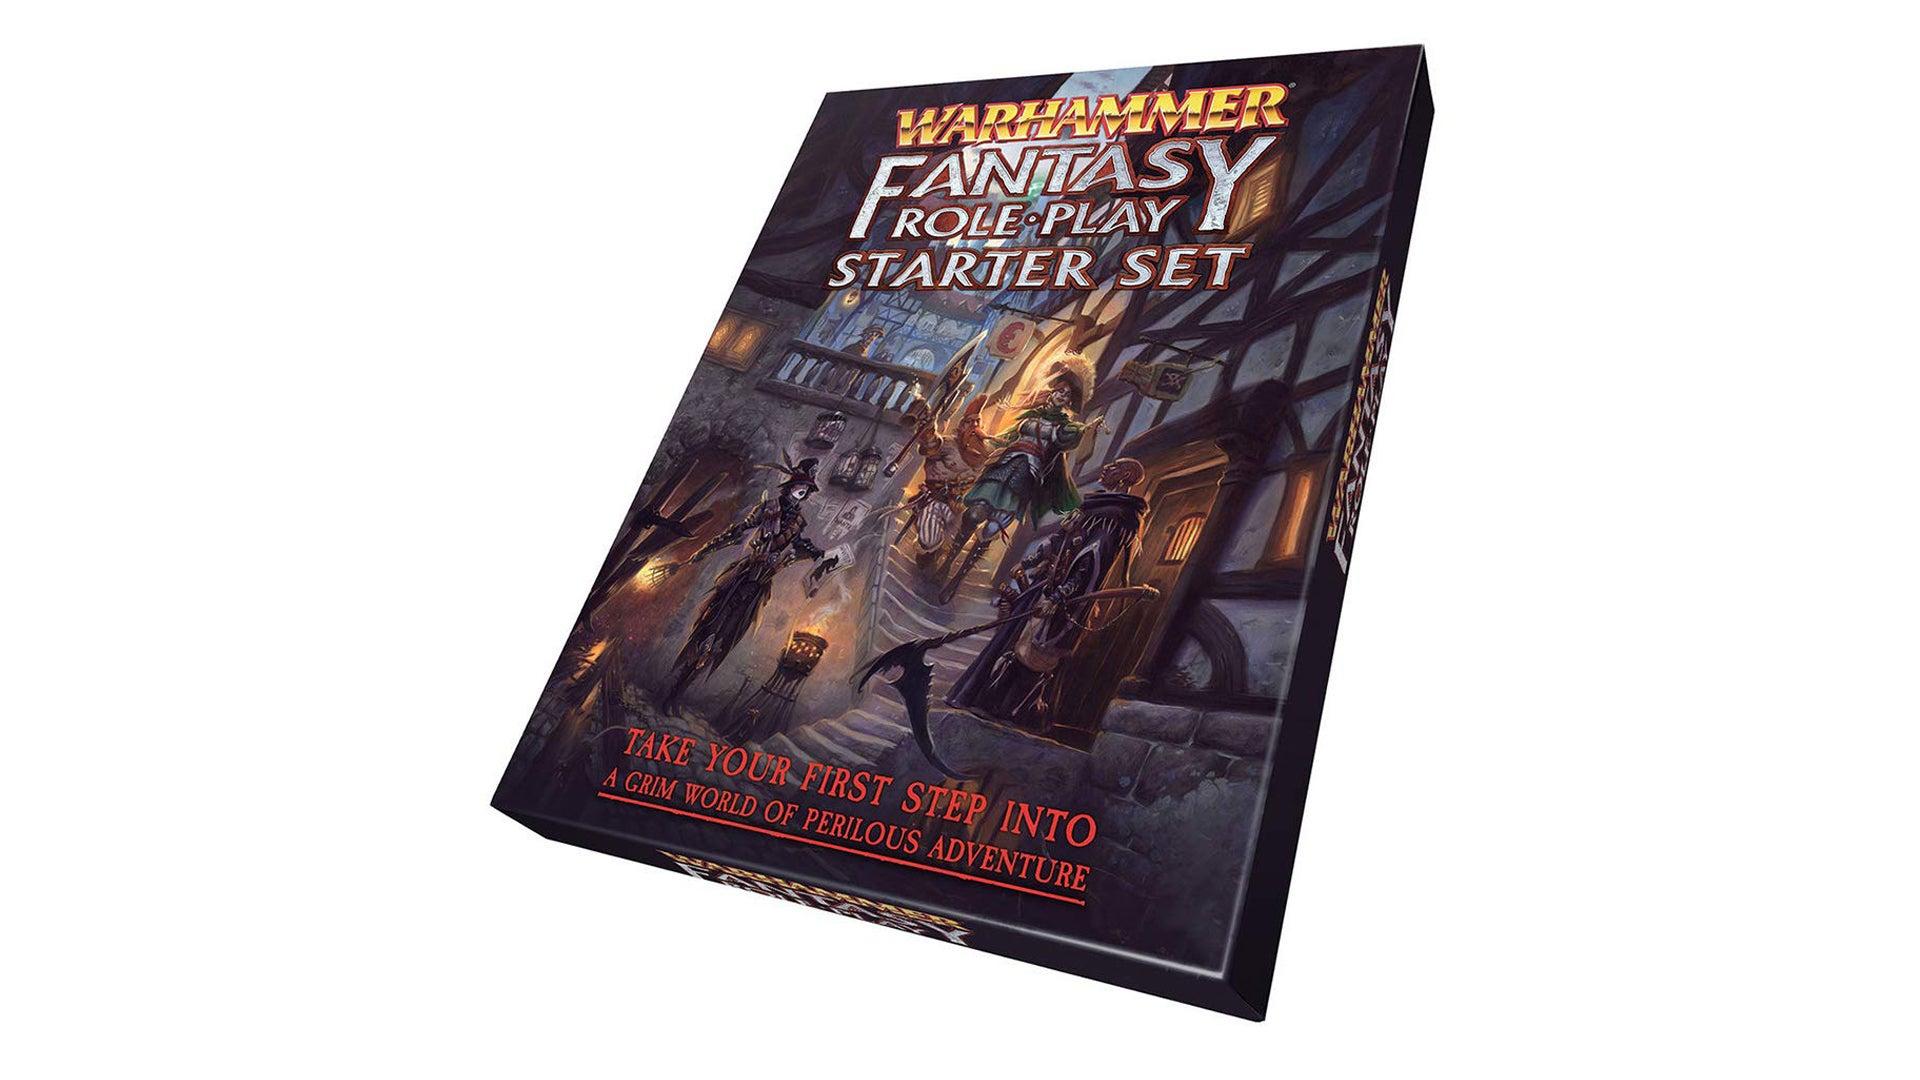 Warhammer_fantasystarterset_tabletopRPG.jpg